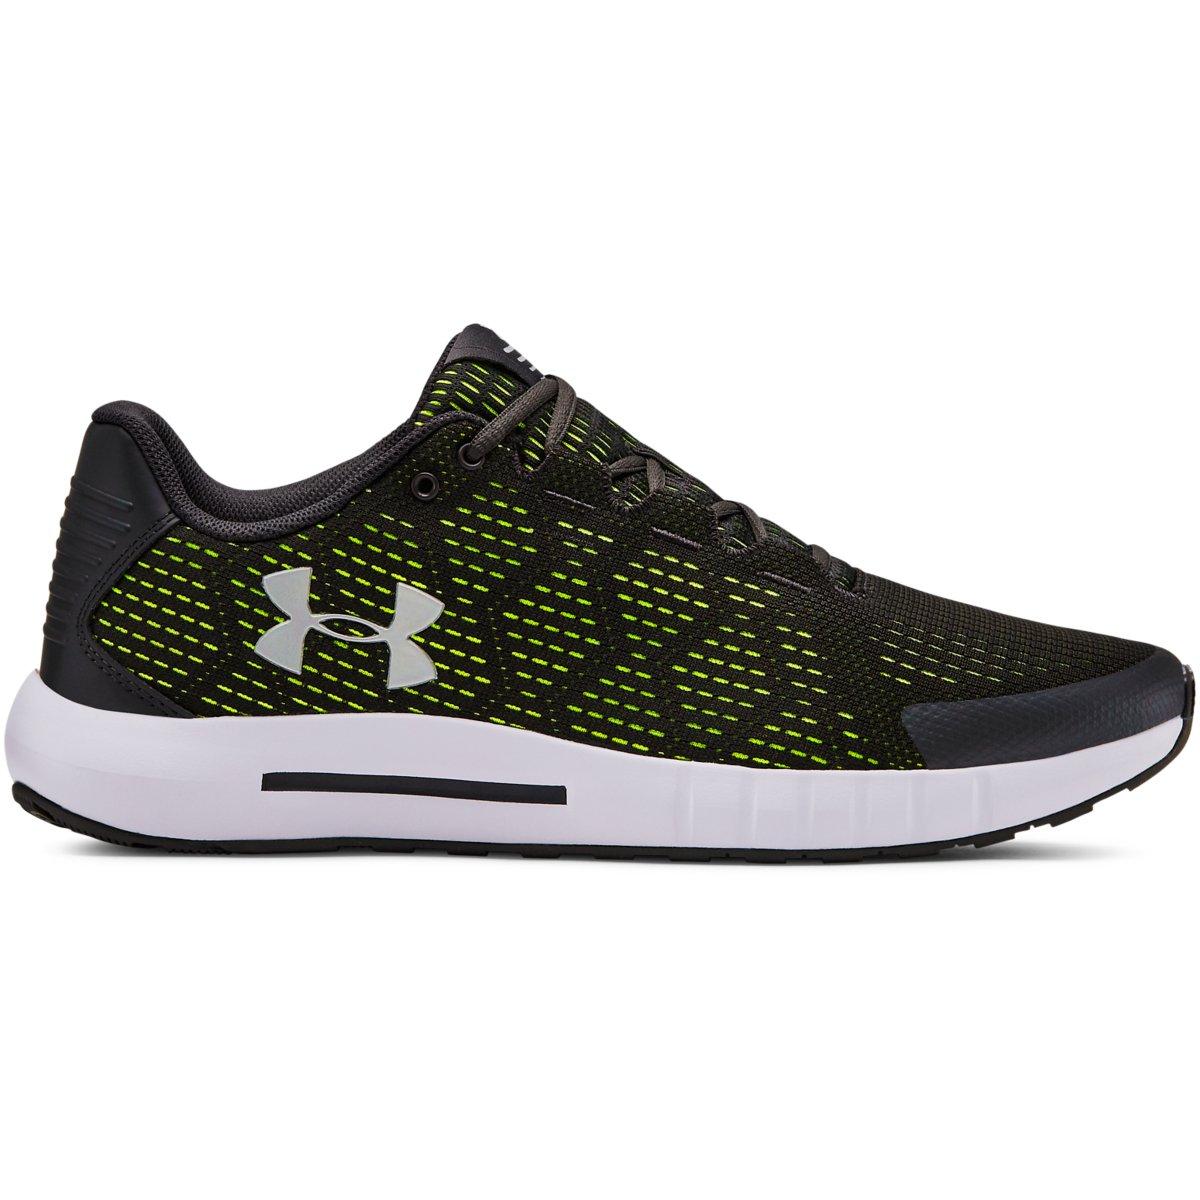 Under Armour Men's Ua G Pursuit Se Running Shoes - Black, 8.5